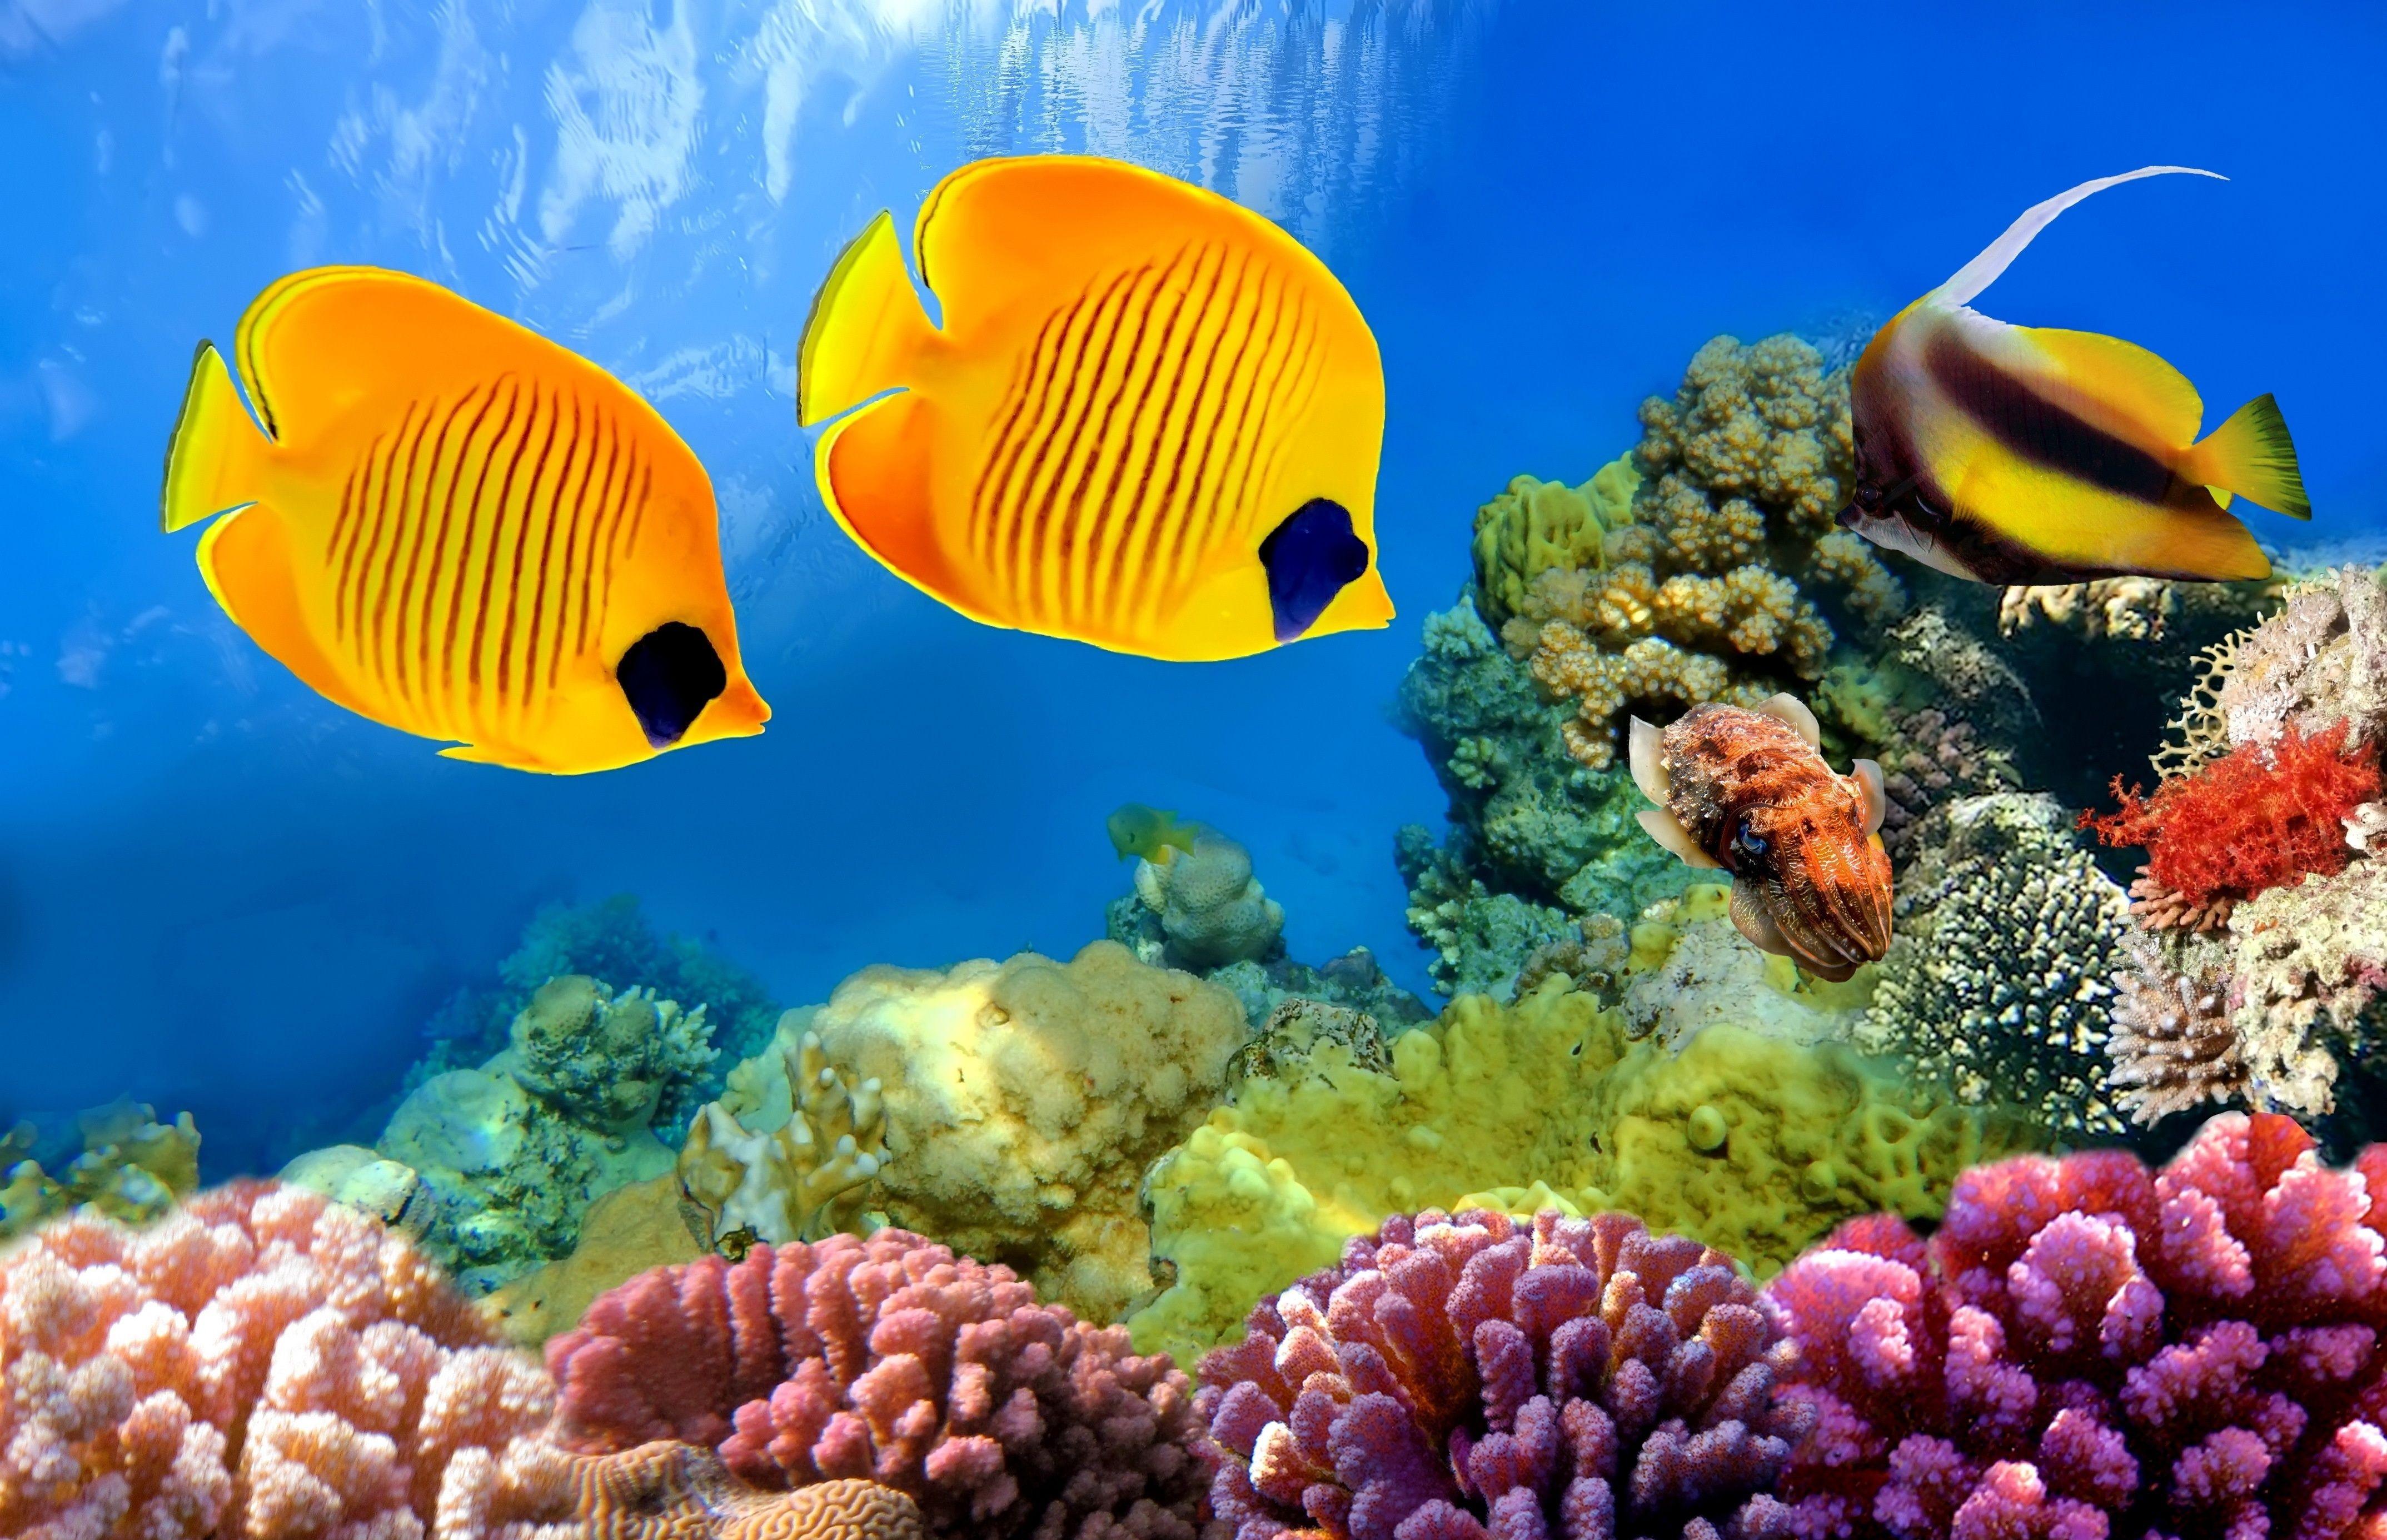 Resultado De Imagen Para Imagenes De Full Hd 4k De Peces Coral Reef Coral Reef Aquarium Fish Wallpaper